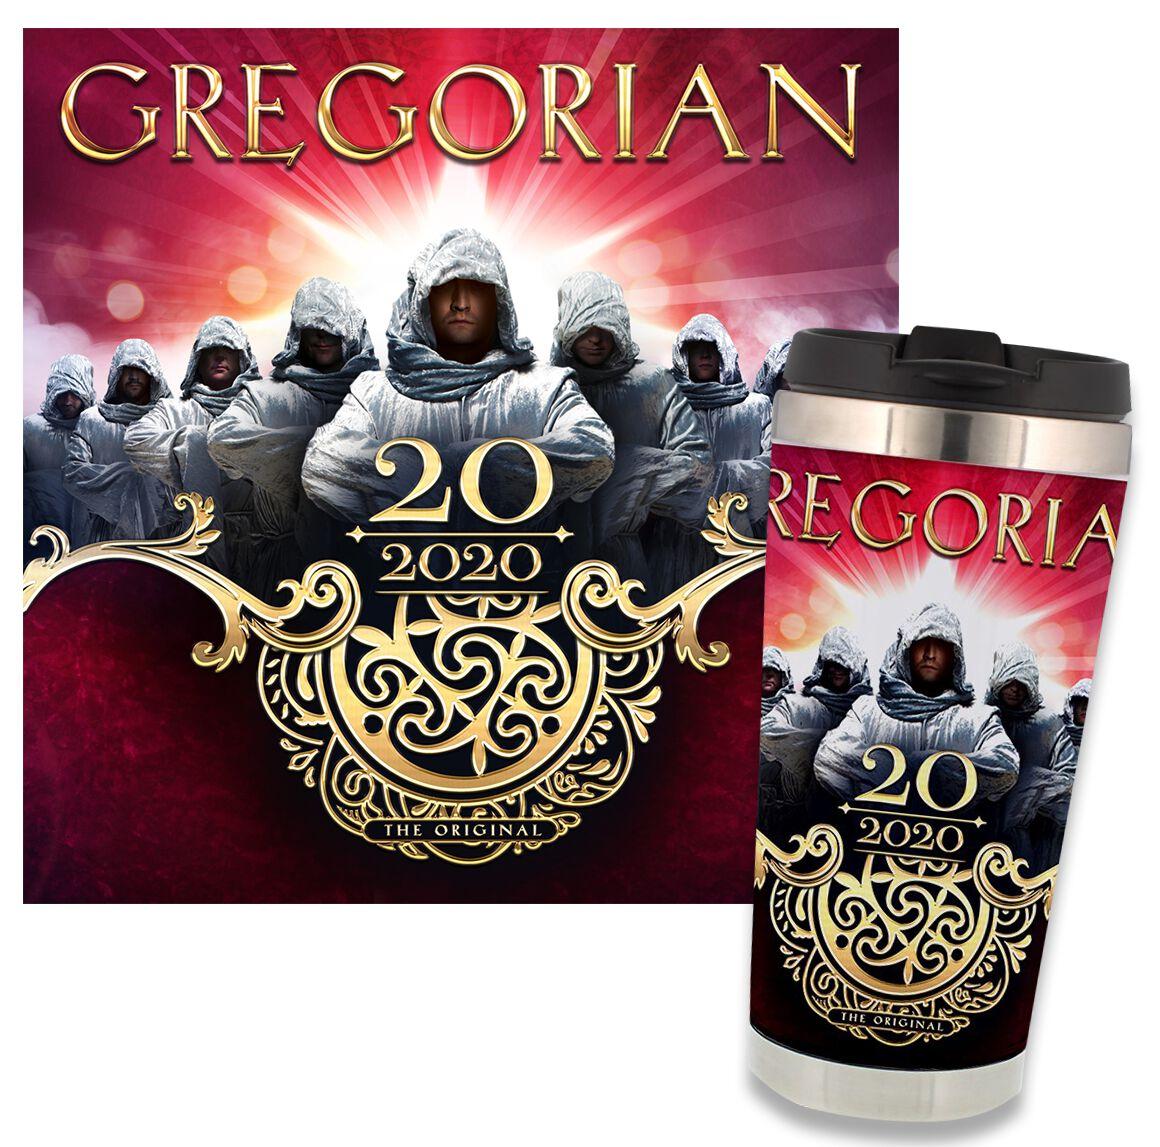 Image of Gregorian 20 - 2020 - The Original 2-CD & Kaffeebecher Standard